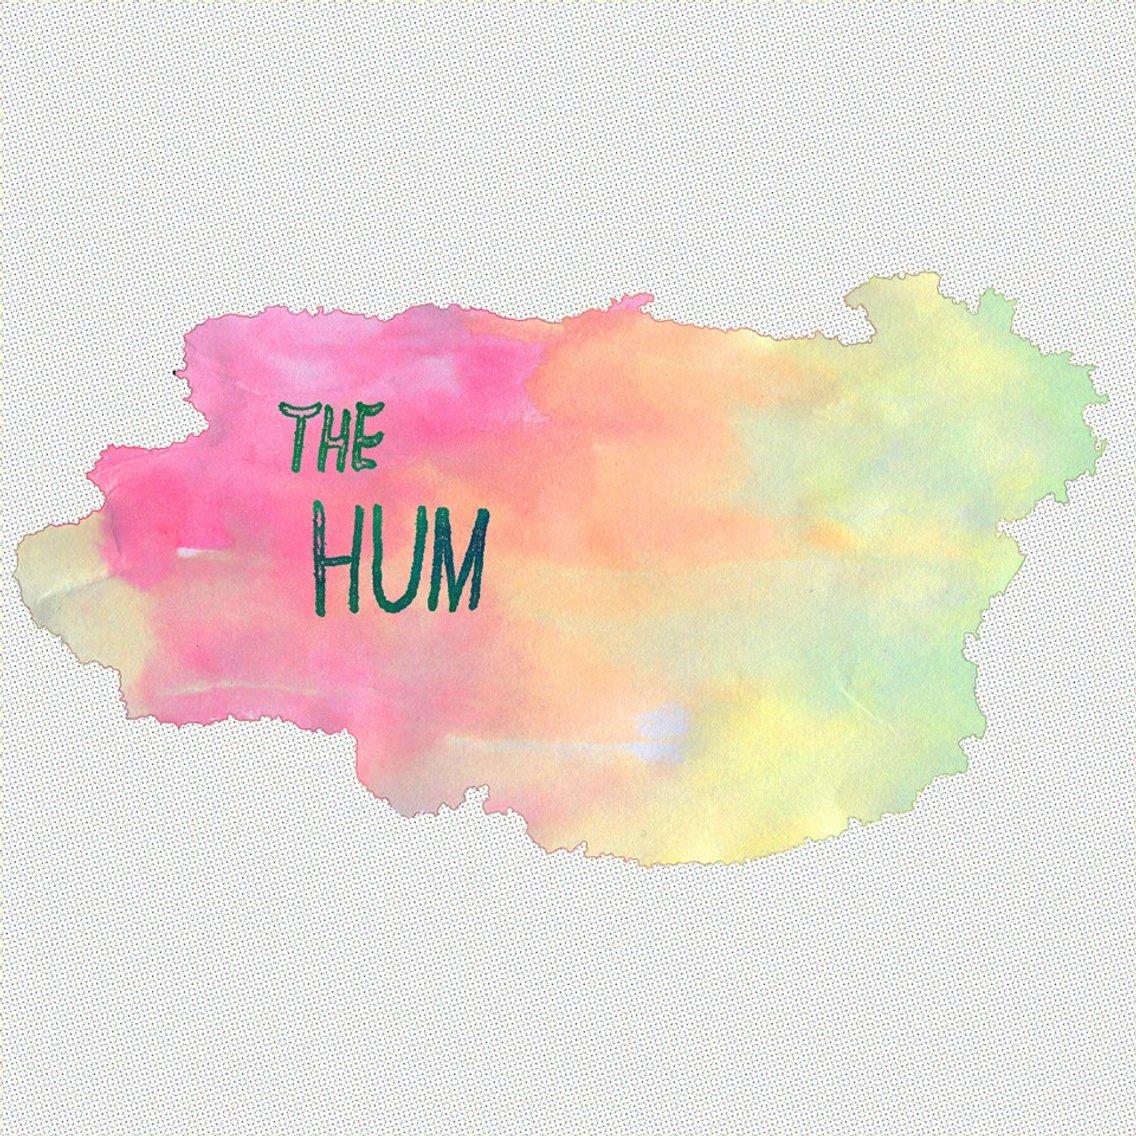 The Hum - immagine di copertina